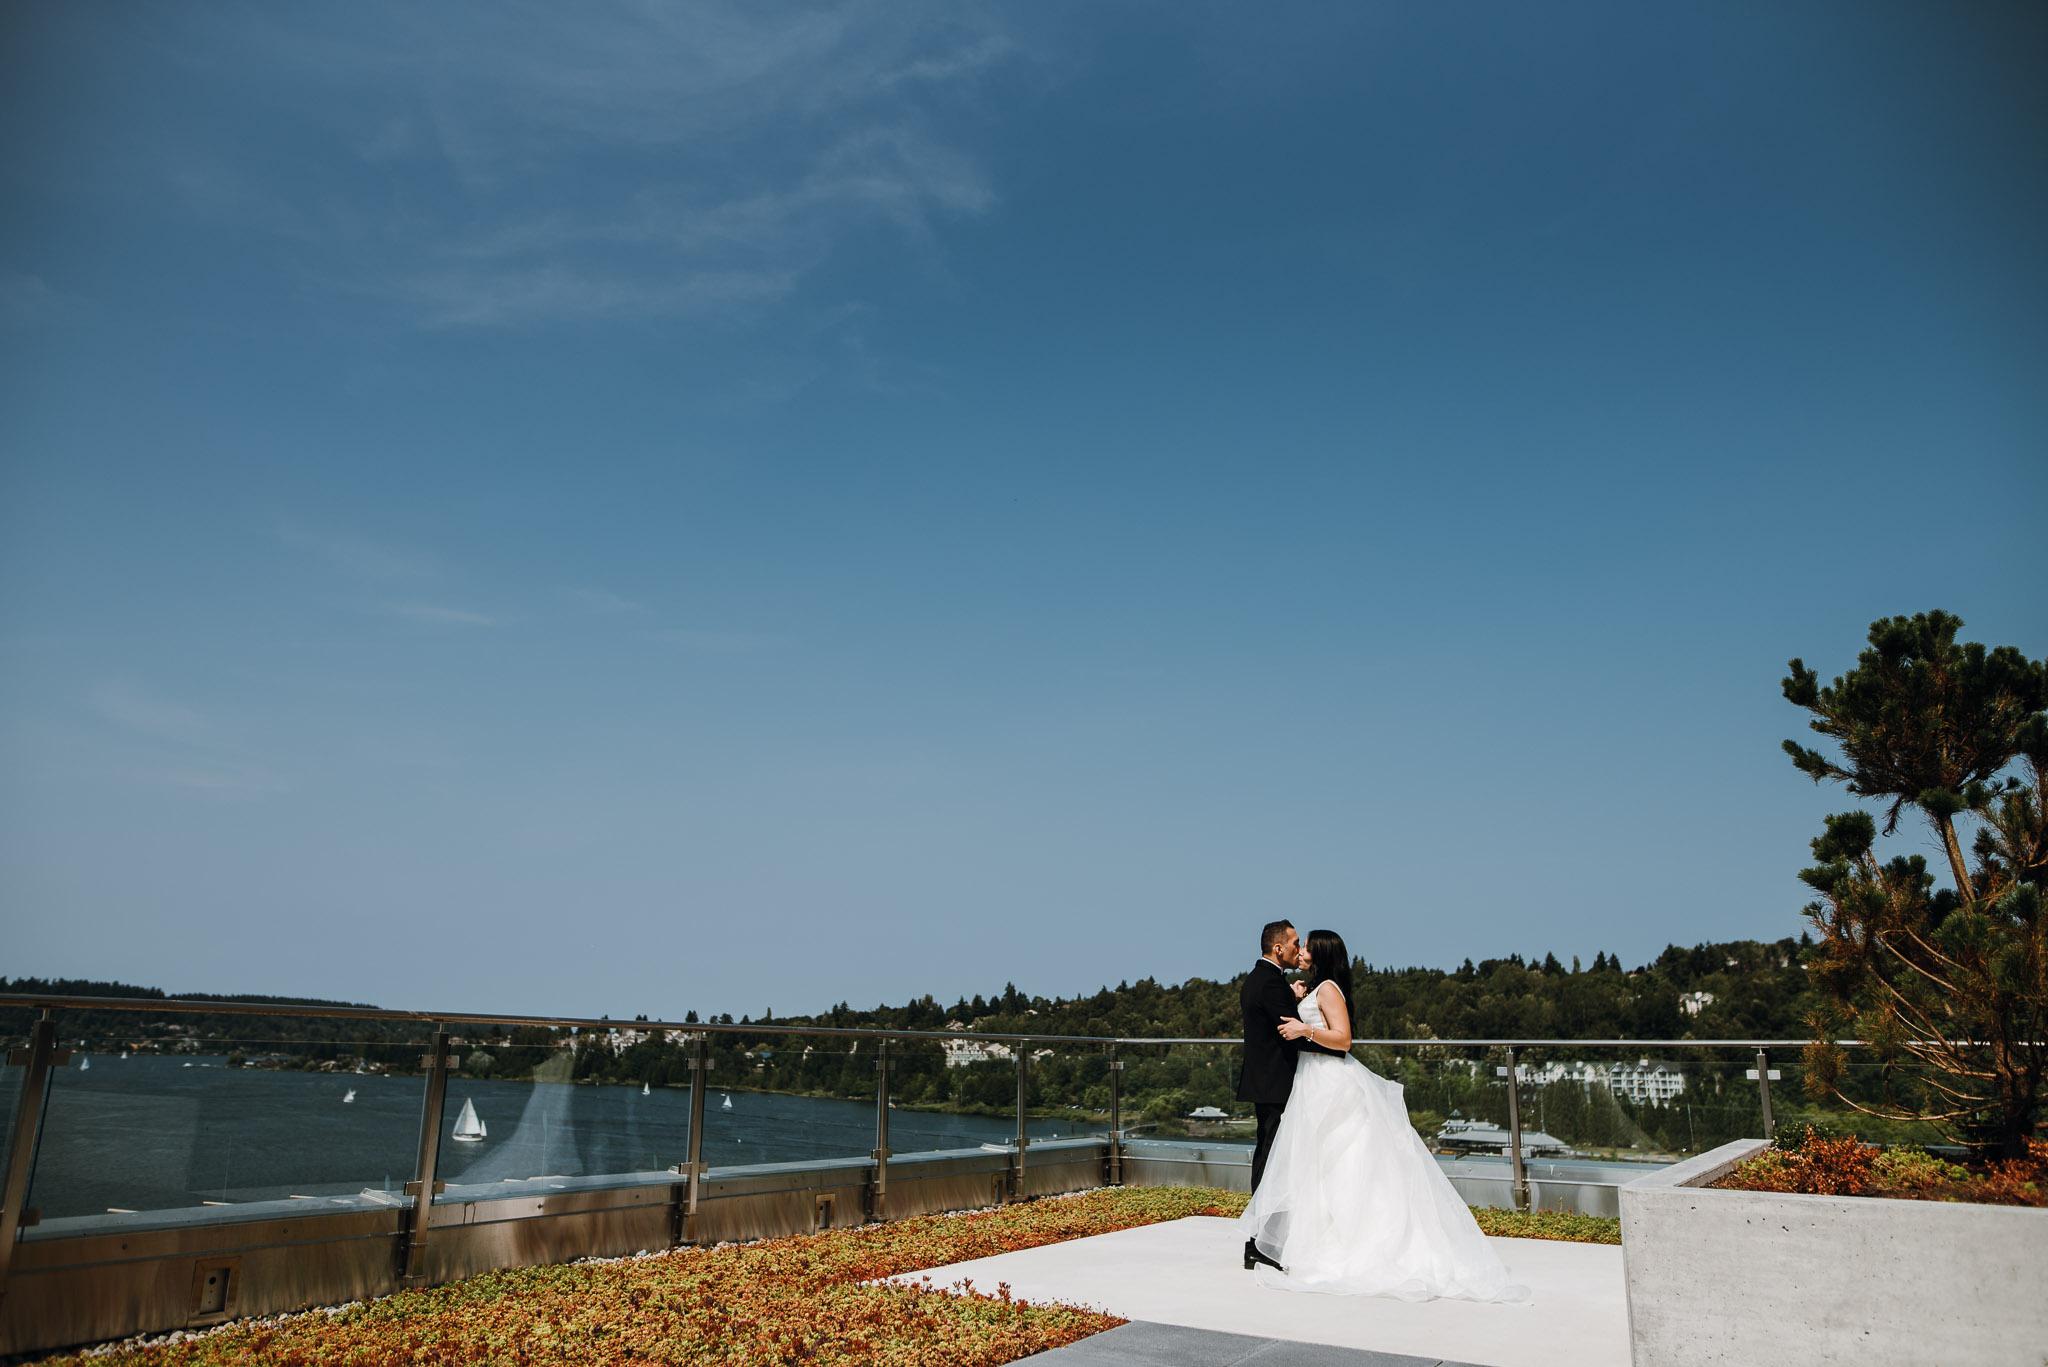 Hyatt-Regency-Lake-Washington-Wedding-Renton-Washington-0013.jpg